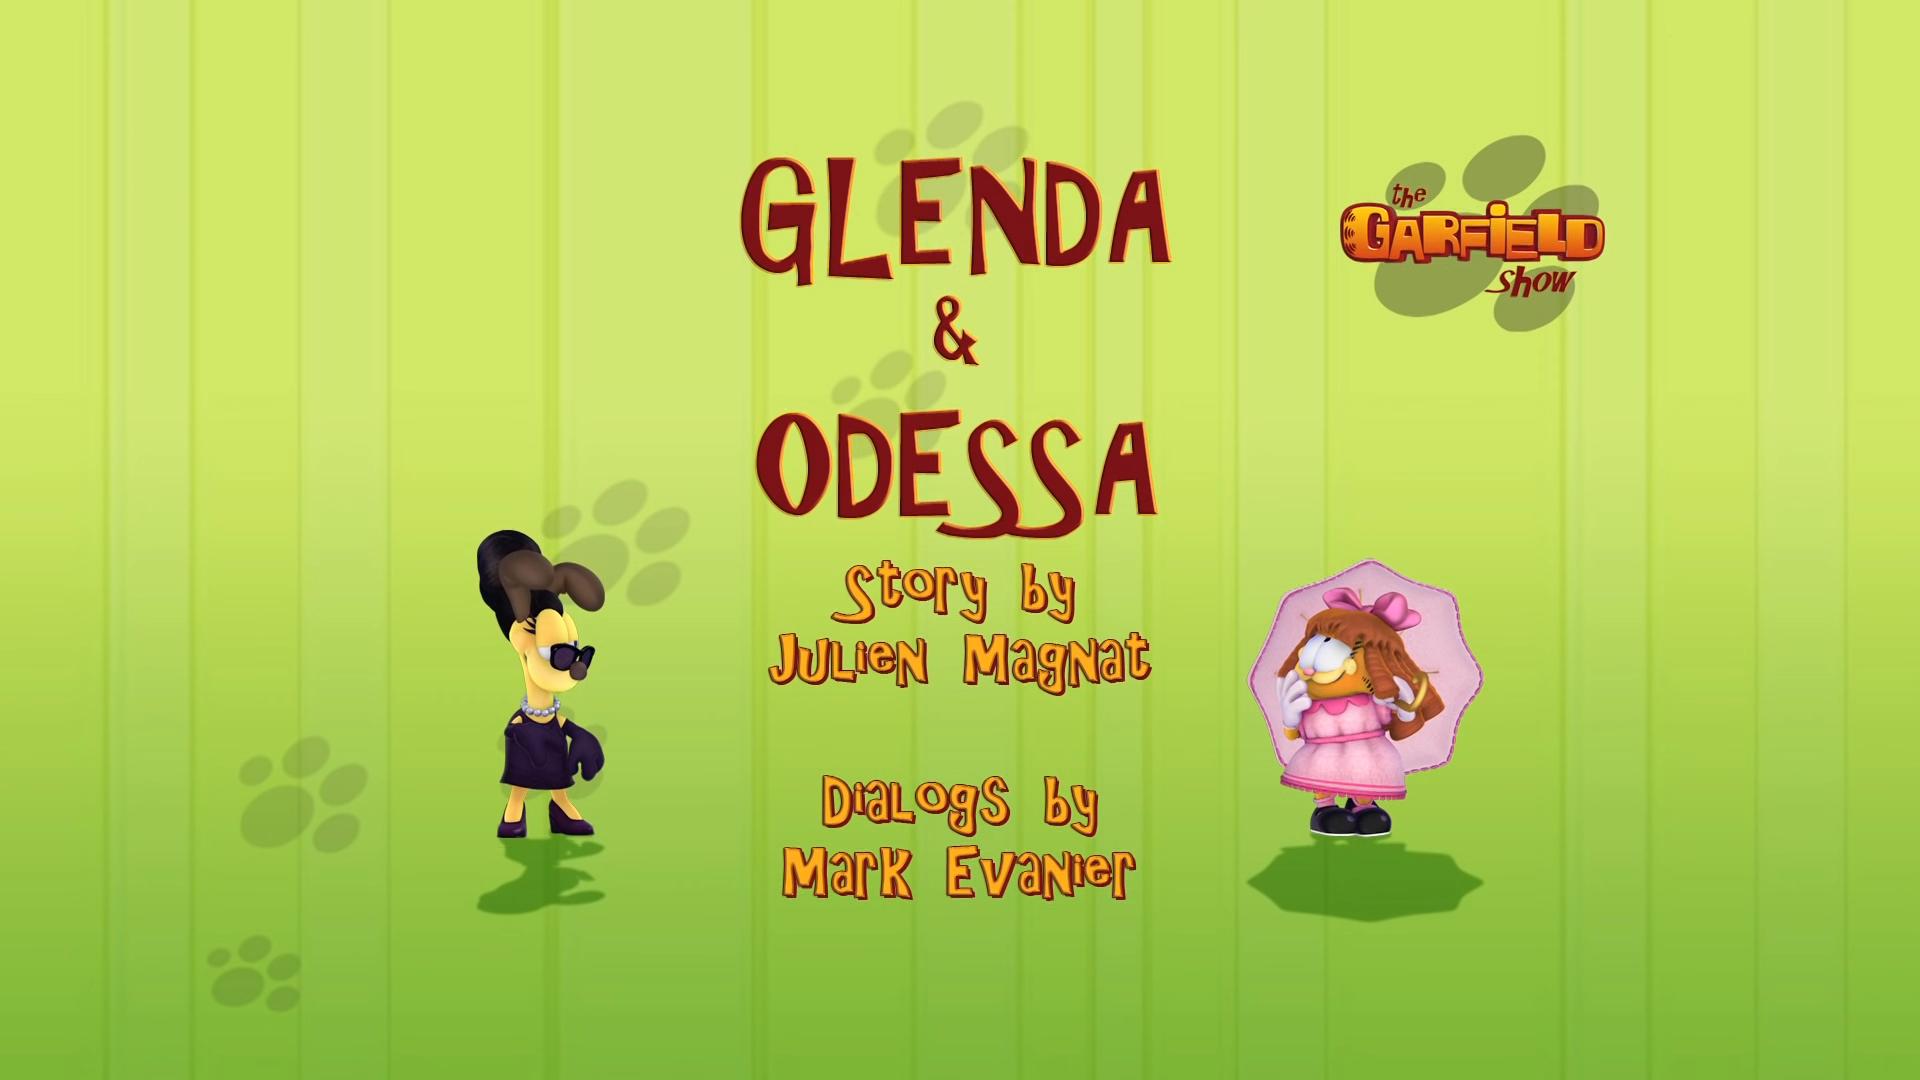 Glenda and Odessa